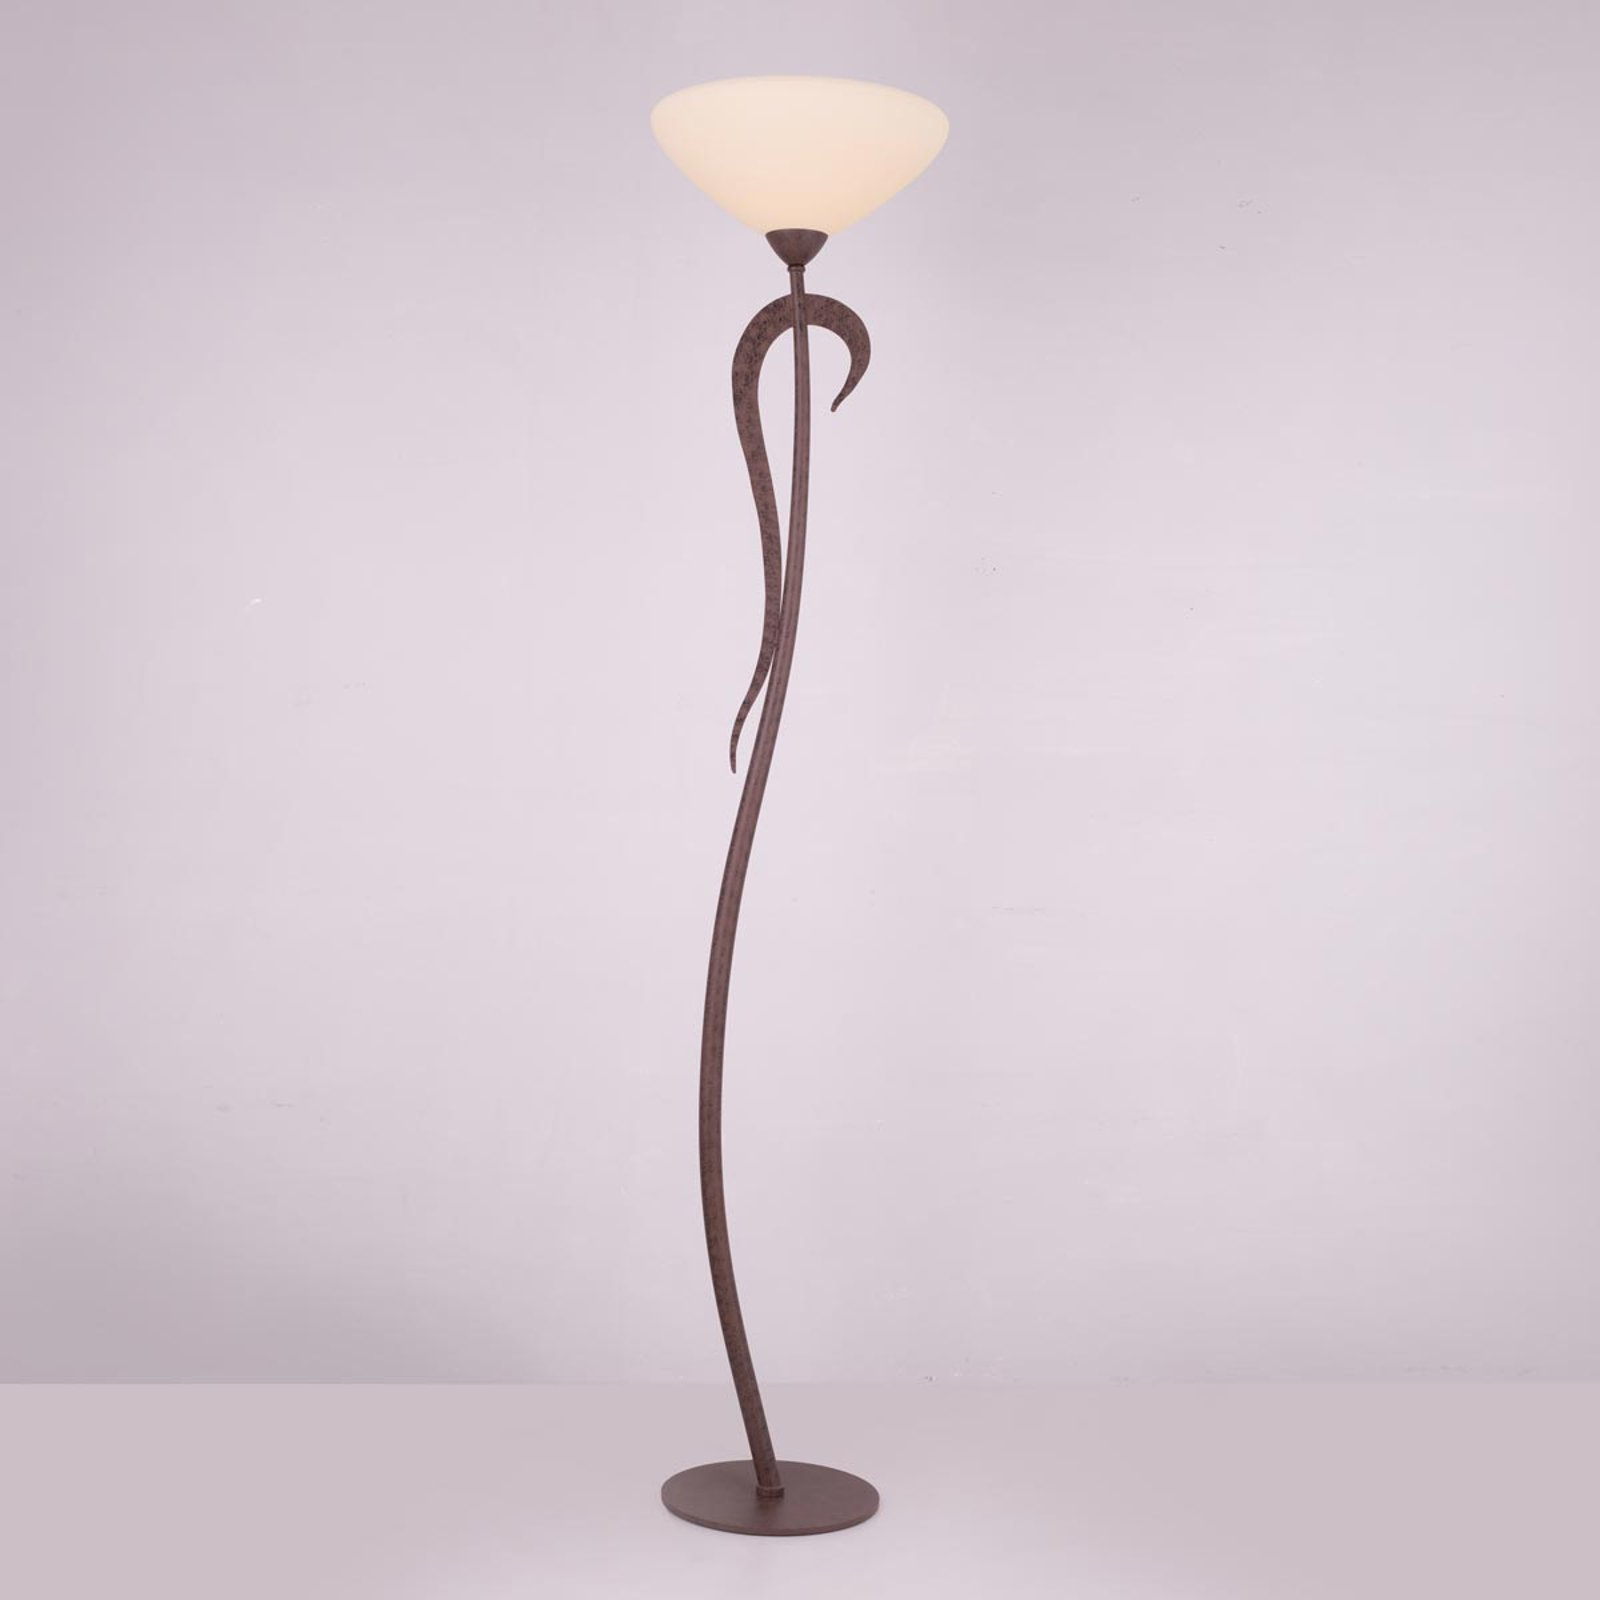 Uplight-lampe Samuele i landlig stil, krem